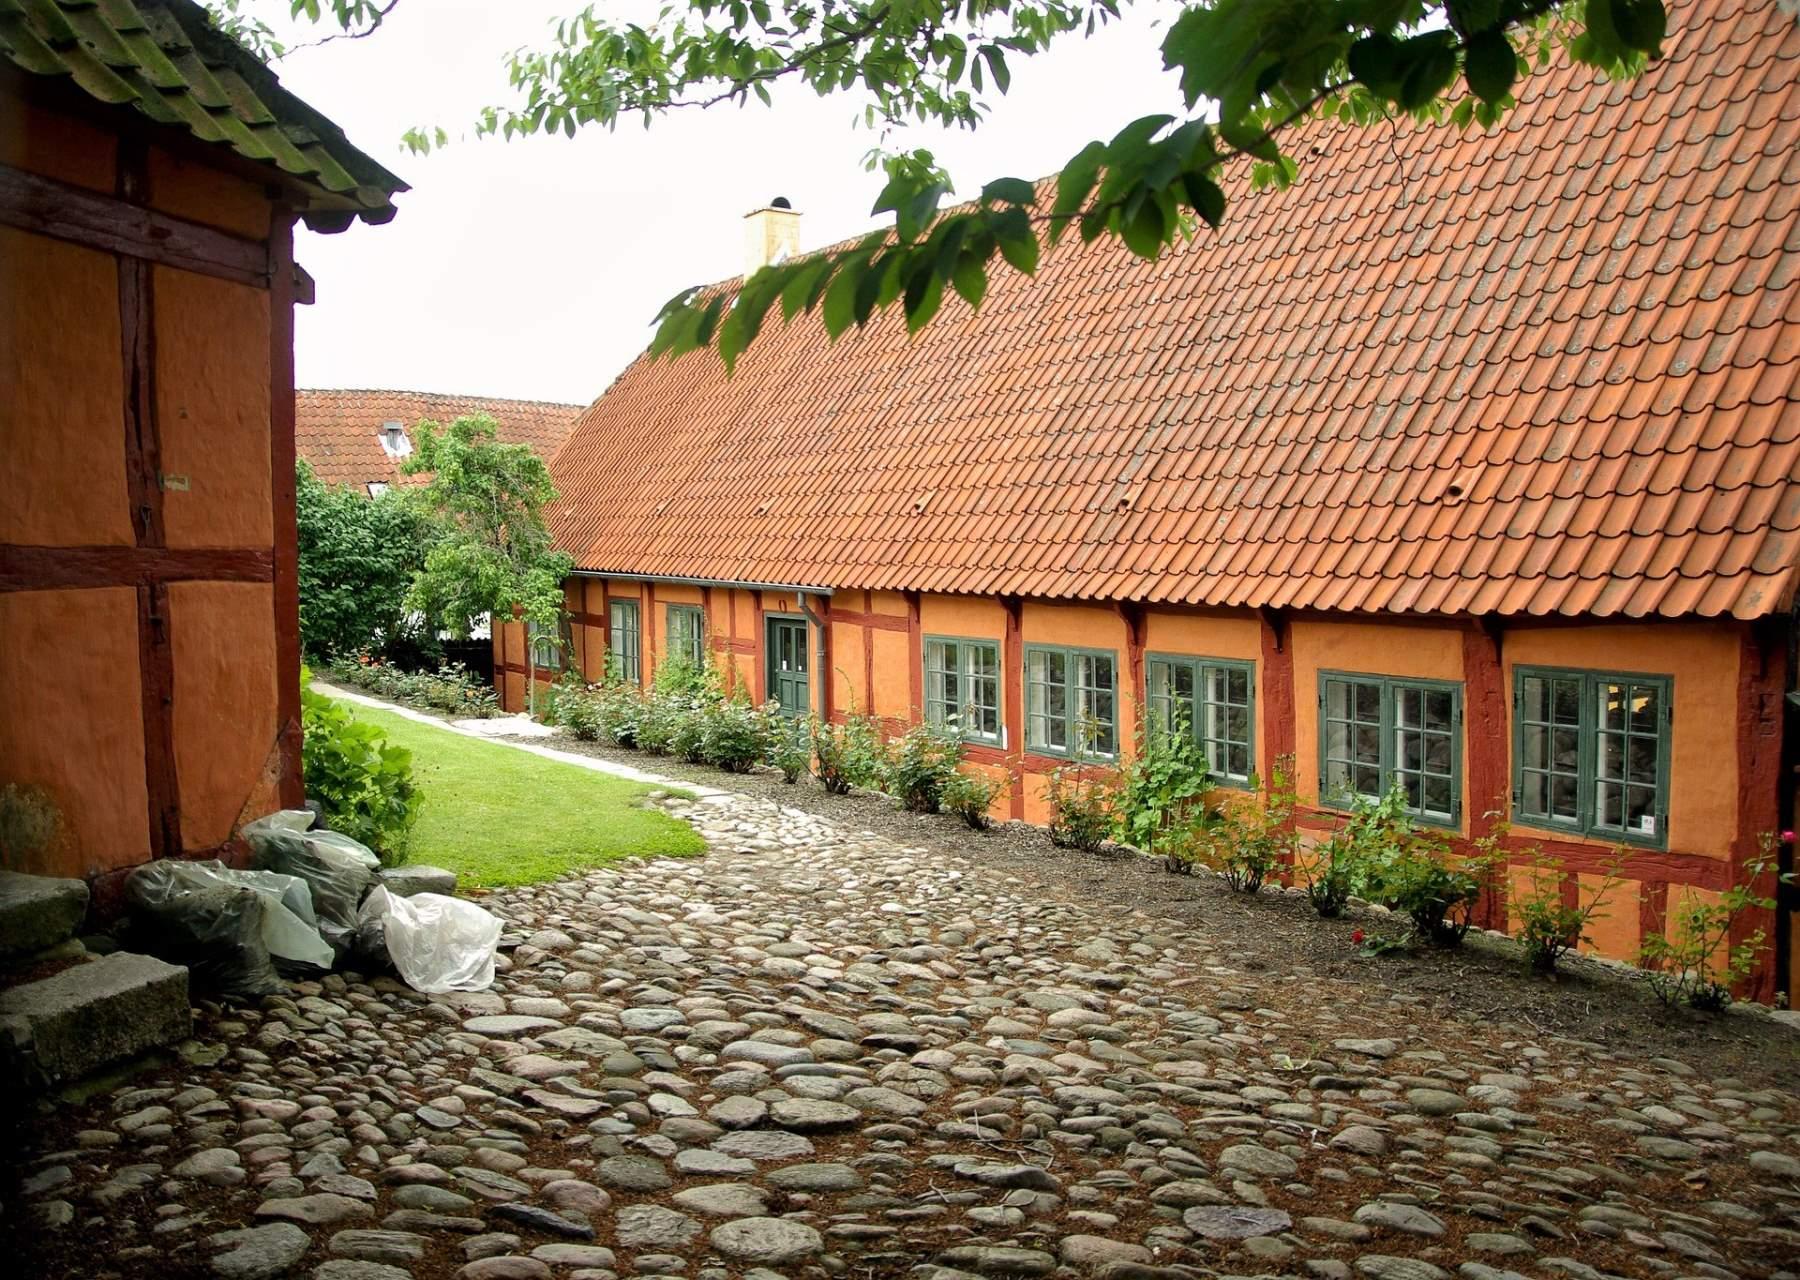 Seværdigheder og Oplevelser i Ebeltoft - Farvegården - Rejs Dig Lykkelig